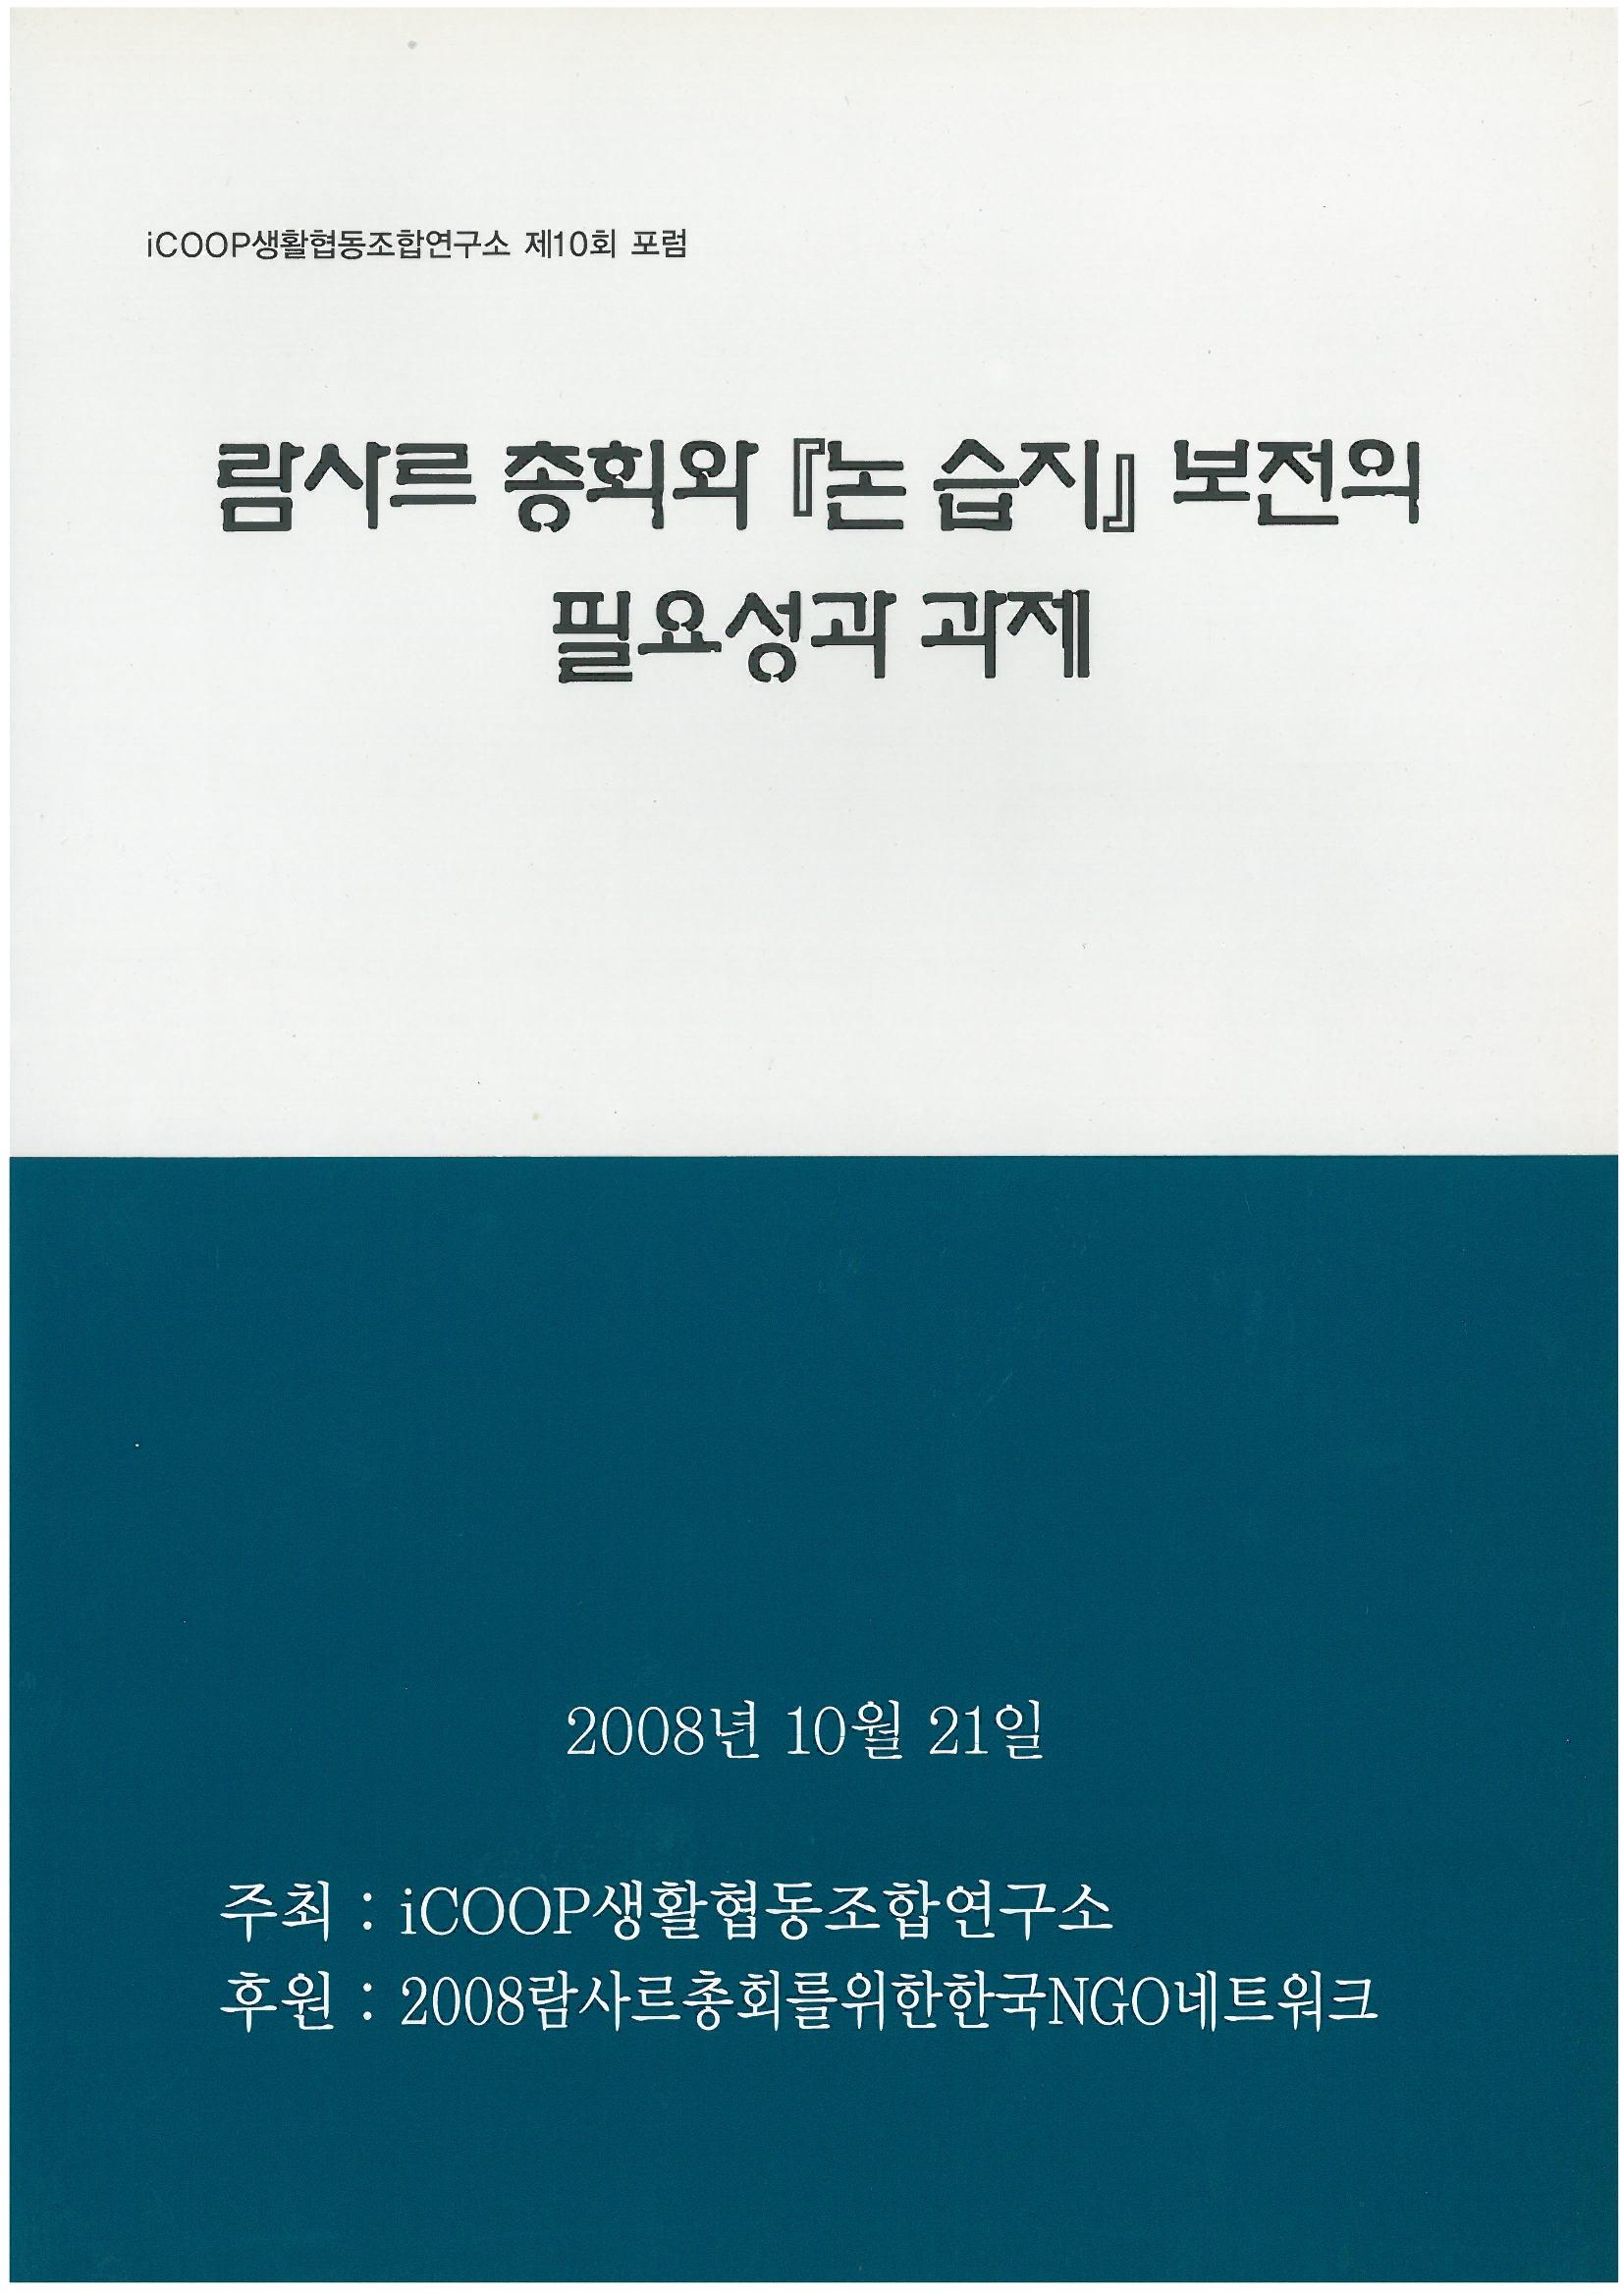 20_(제10회 포럼 자료집) 『람사르총회와 논습지 보전의 필요성과 과제 전망』 .jpg